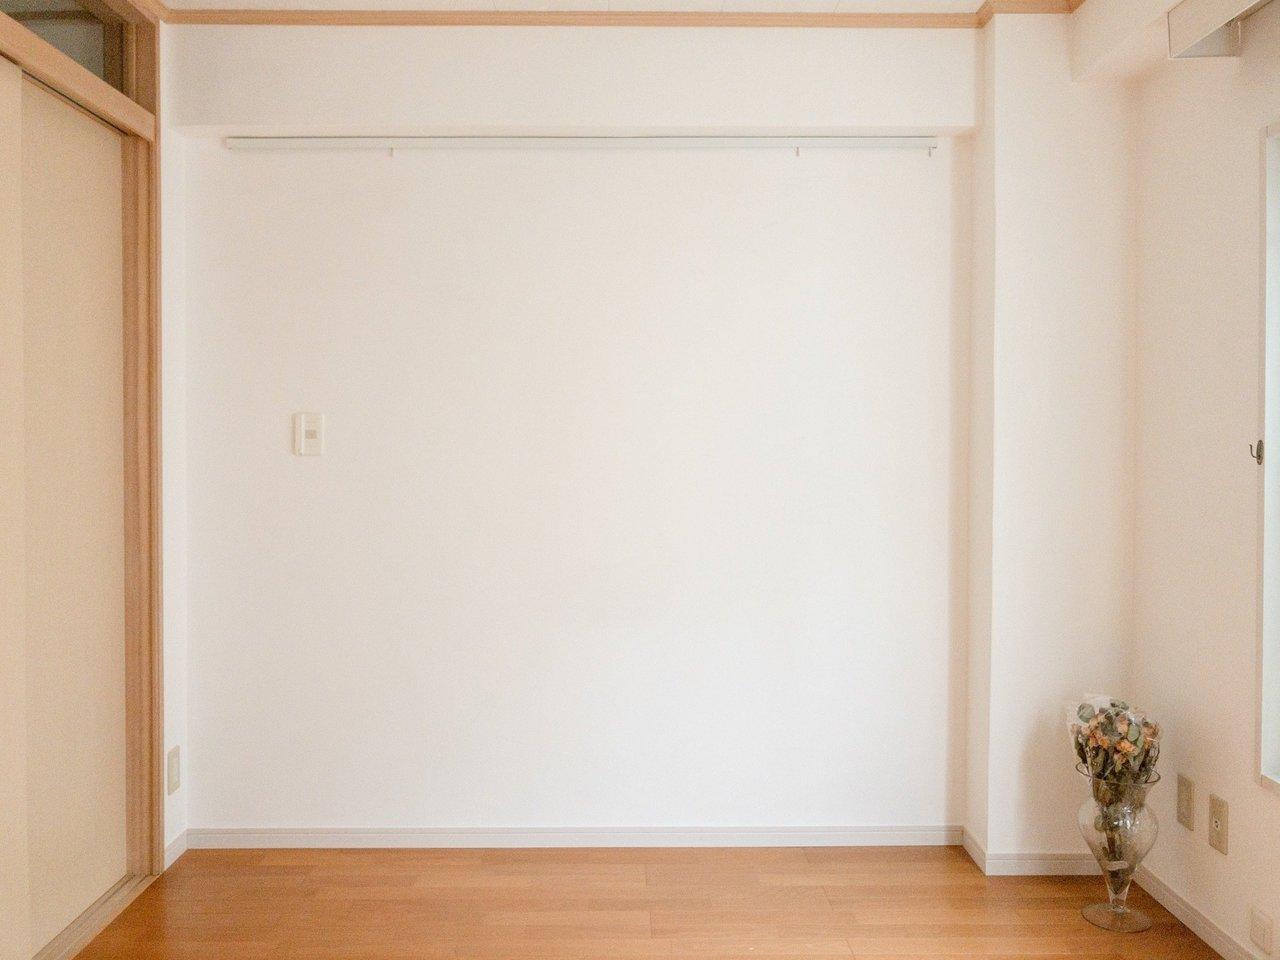 壁にはピクチャーレールが。お気に入りのポストカードを飾ってもいいし、自慢のコートをかけてもいい。壁面を有効活用すれば、おしゃれなお部屋への近道です。